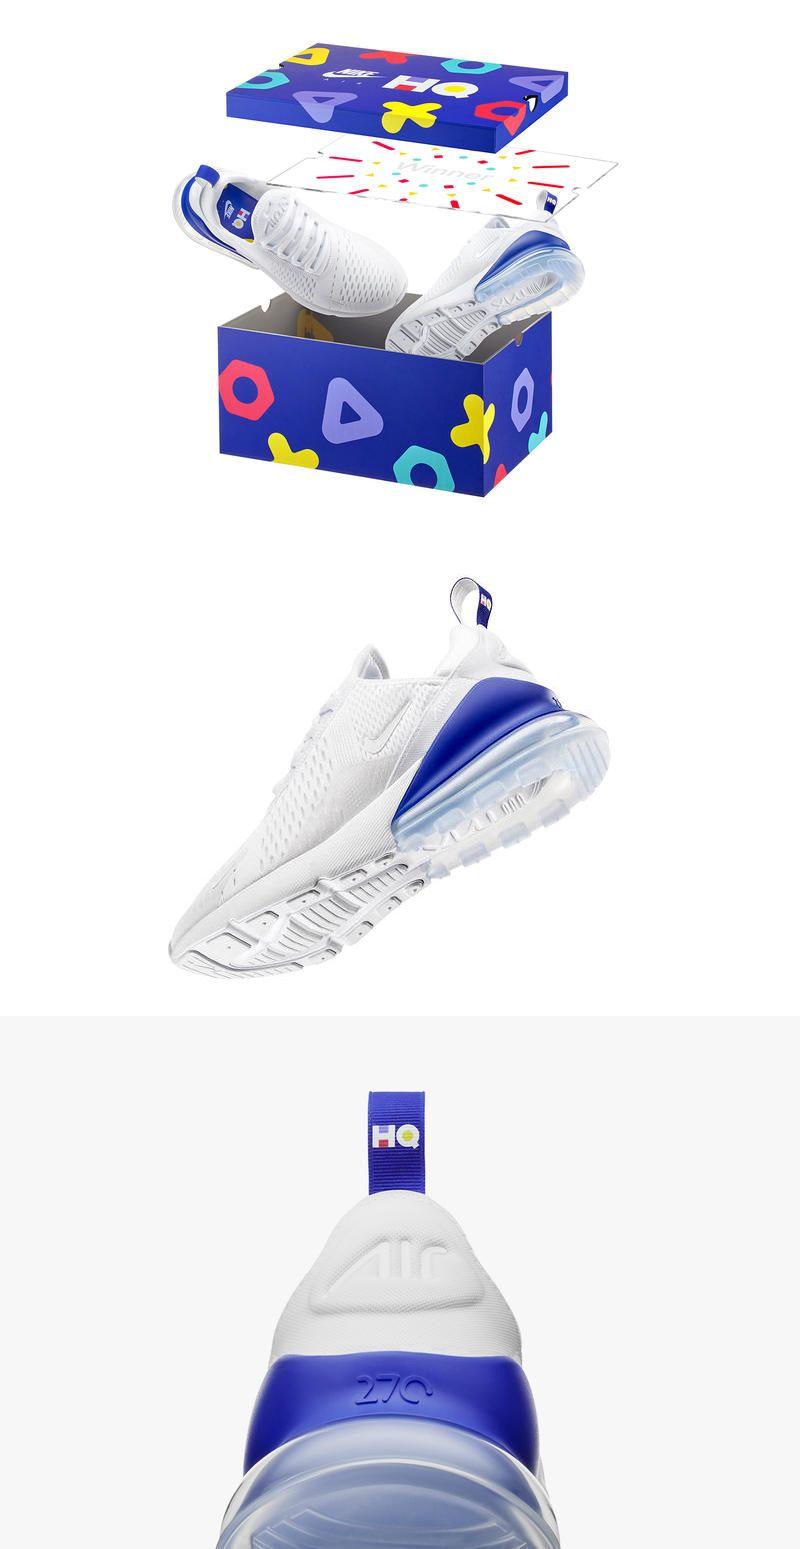 size 40 370a9 89812 Nike x HQ Trivia Air Max 270